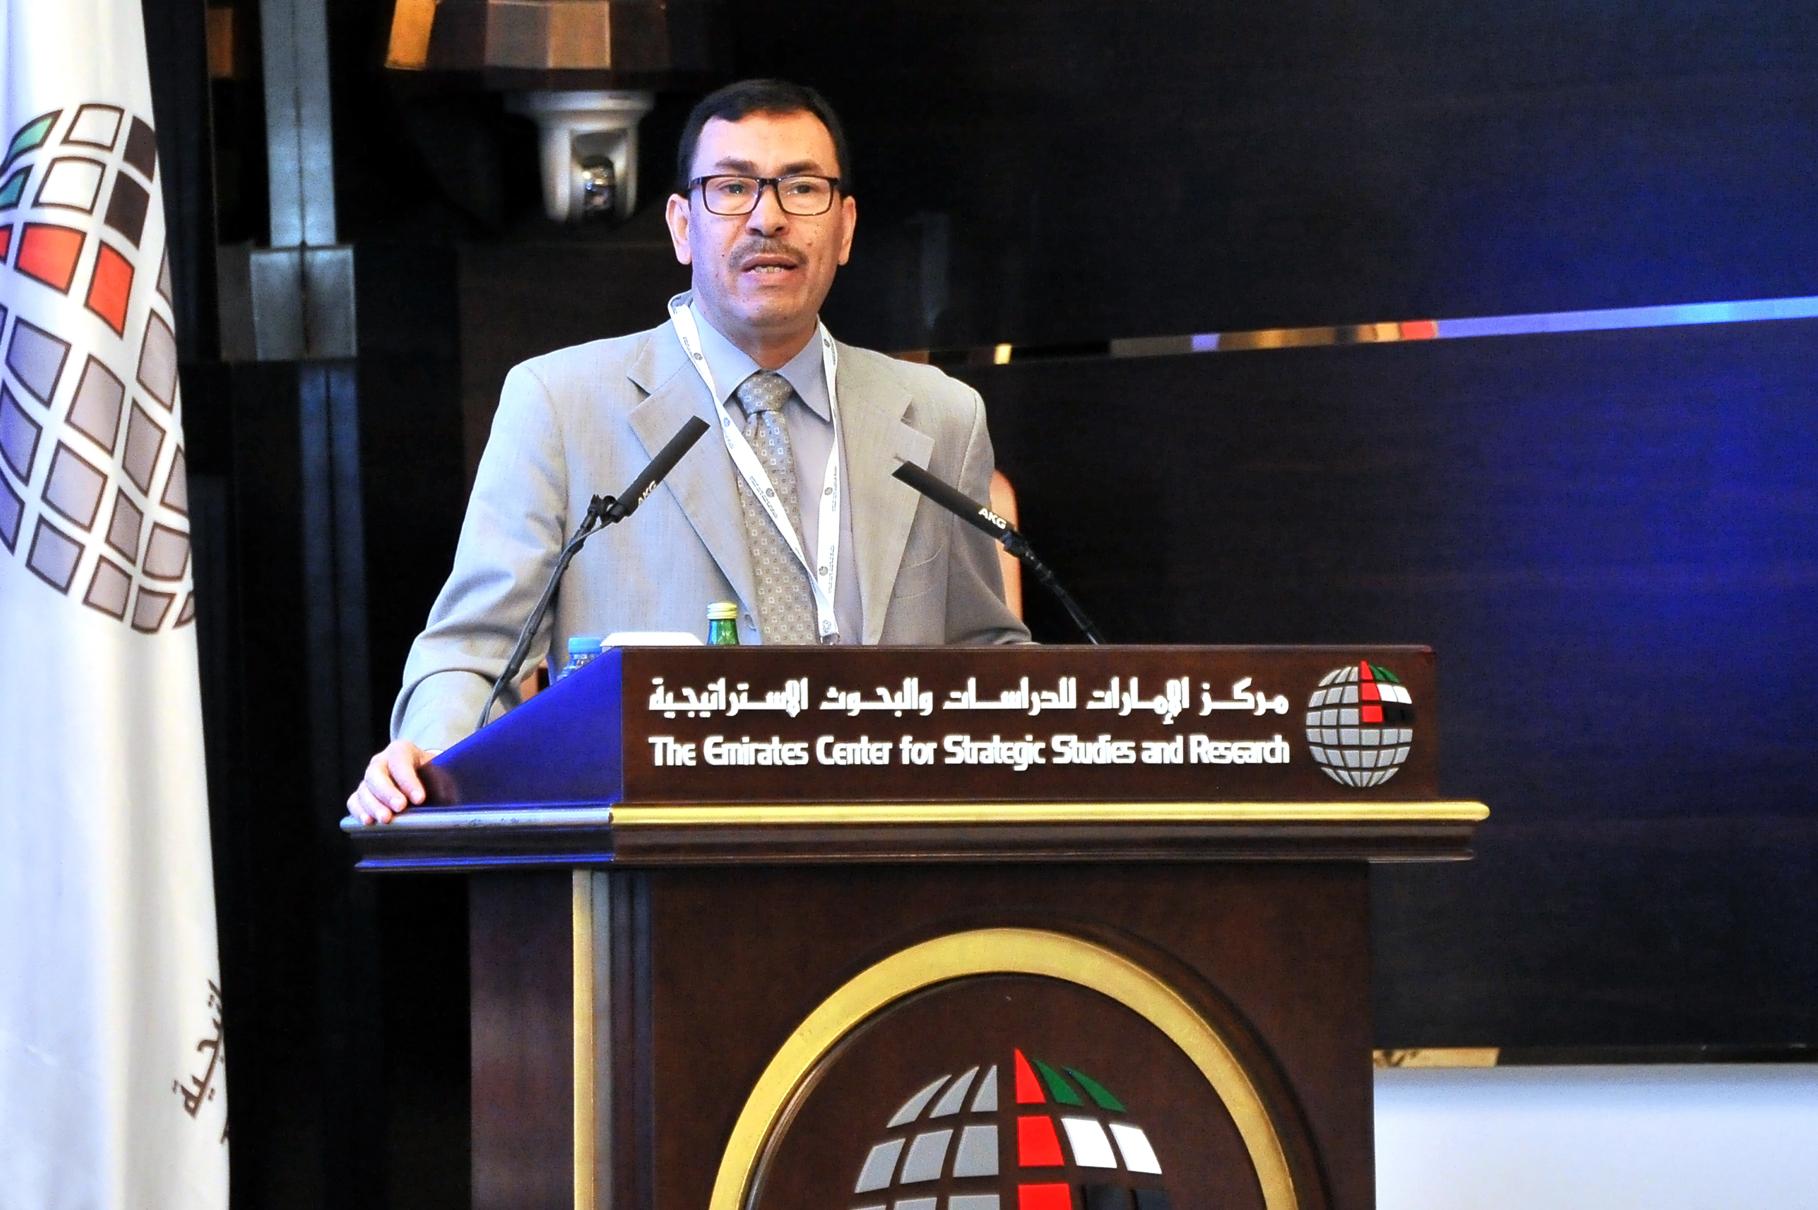 مركز الإمارات للدراسات والبحوث الاستراتيجية ينظم محاضرته رقم 577